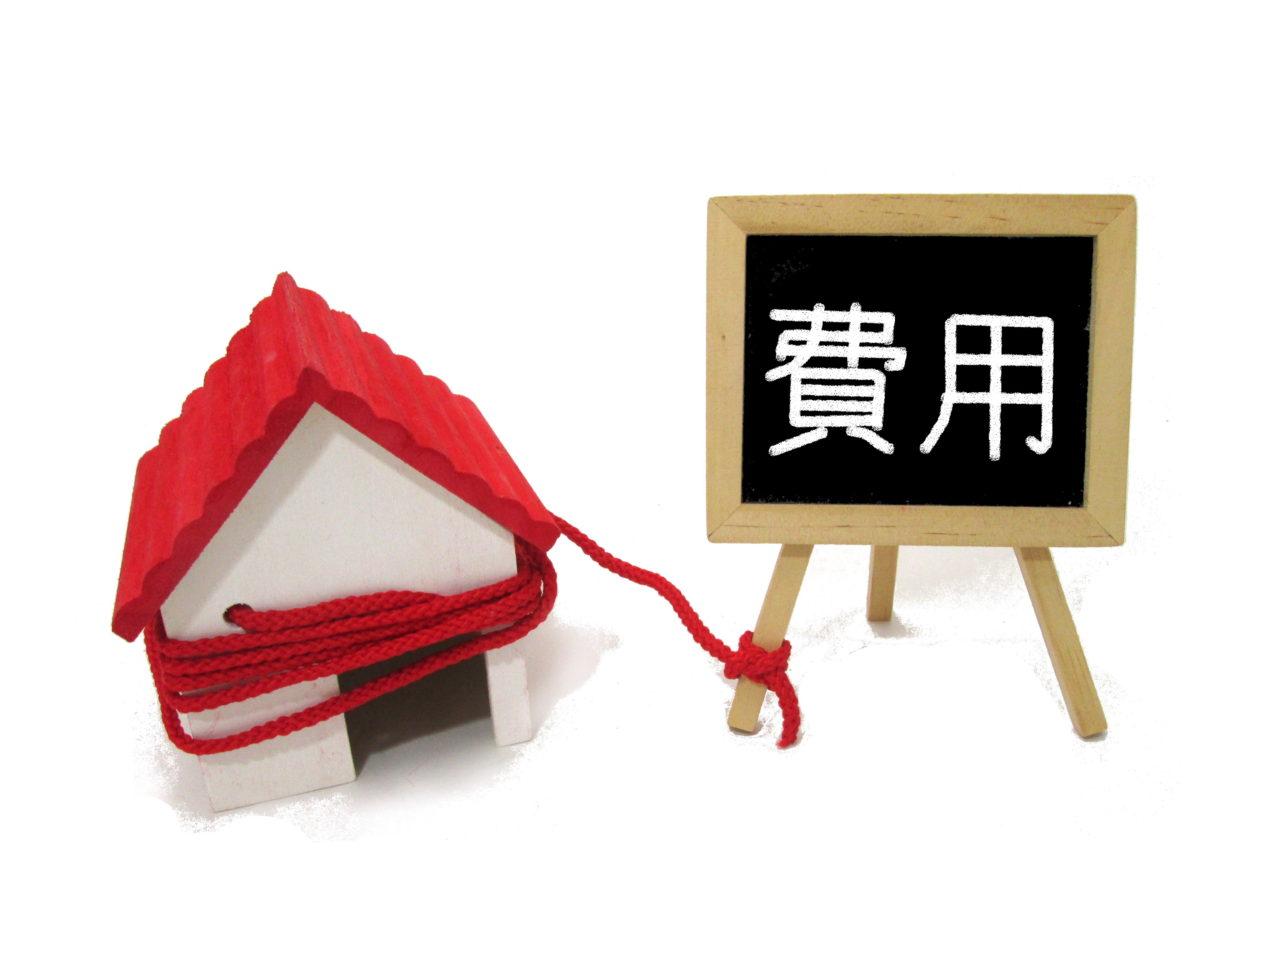 実質利回りの計算に必要。初心者が押さえるべき賃貸物件の諸費用とは?